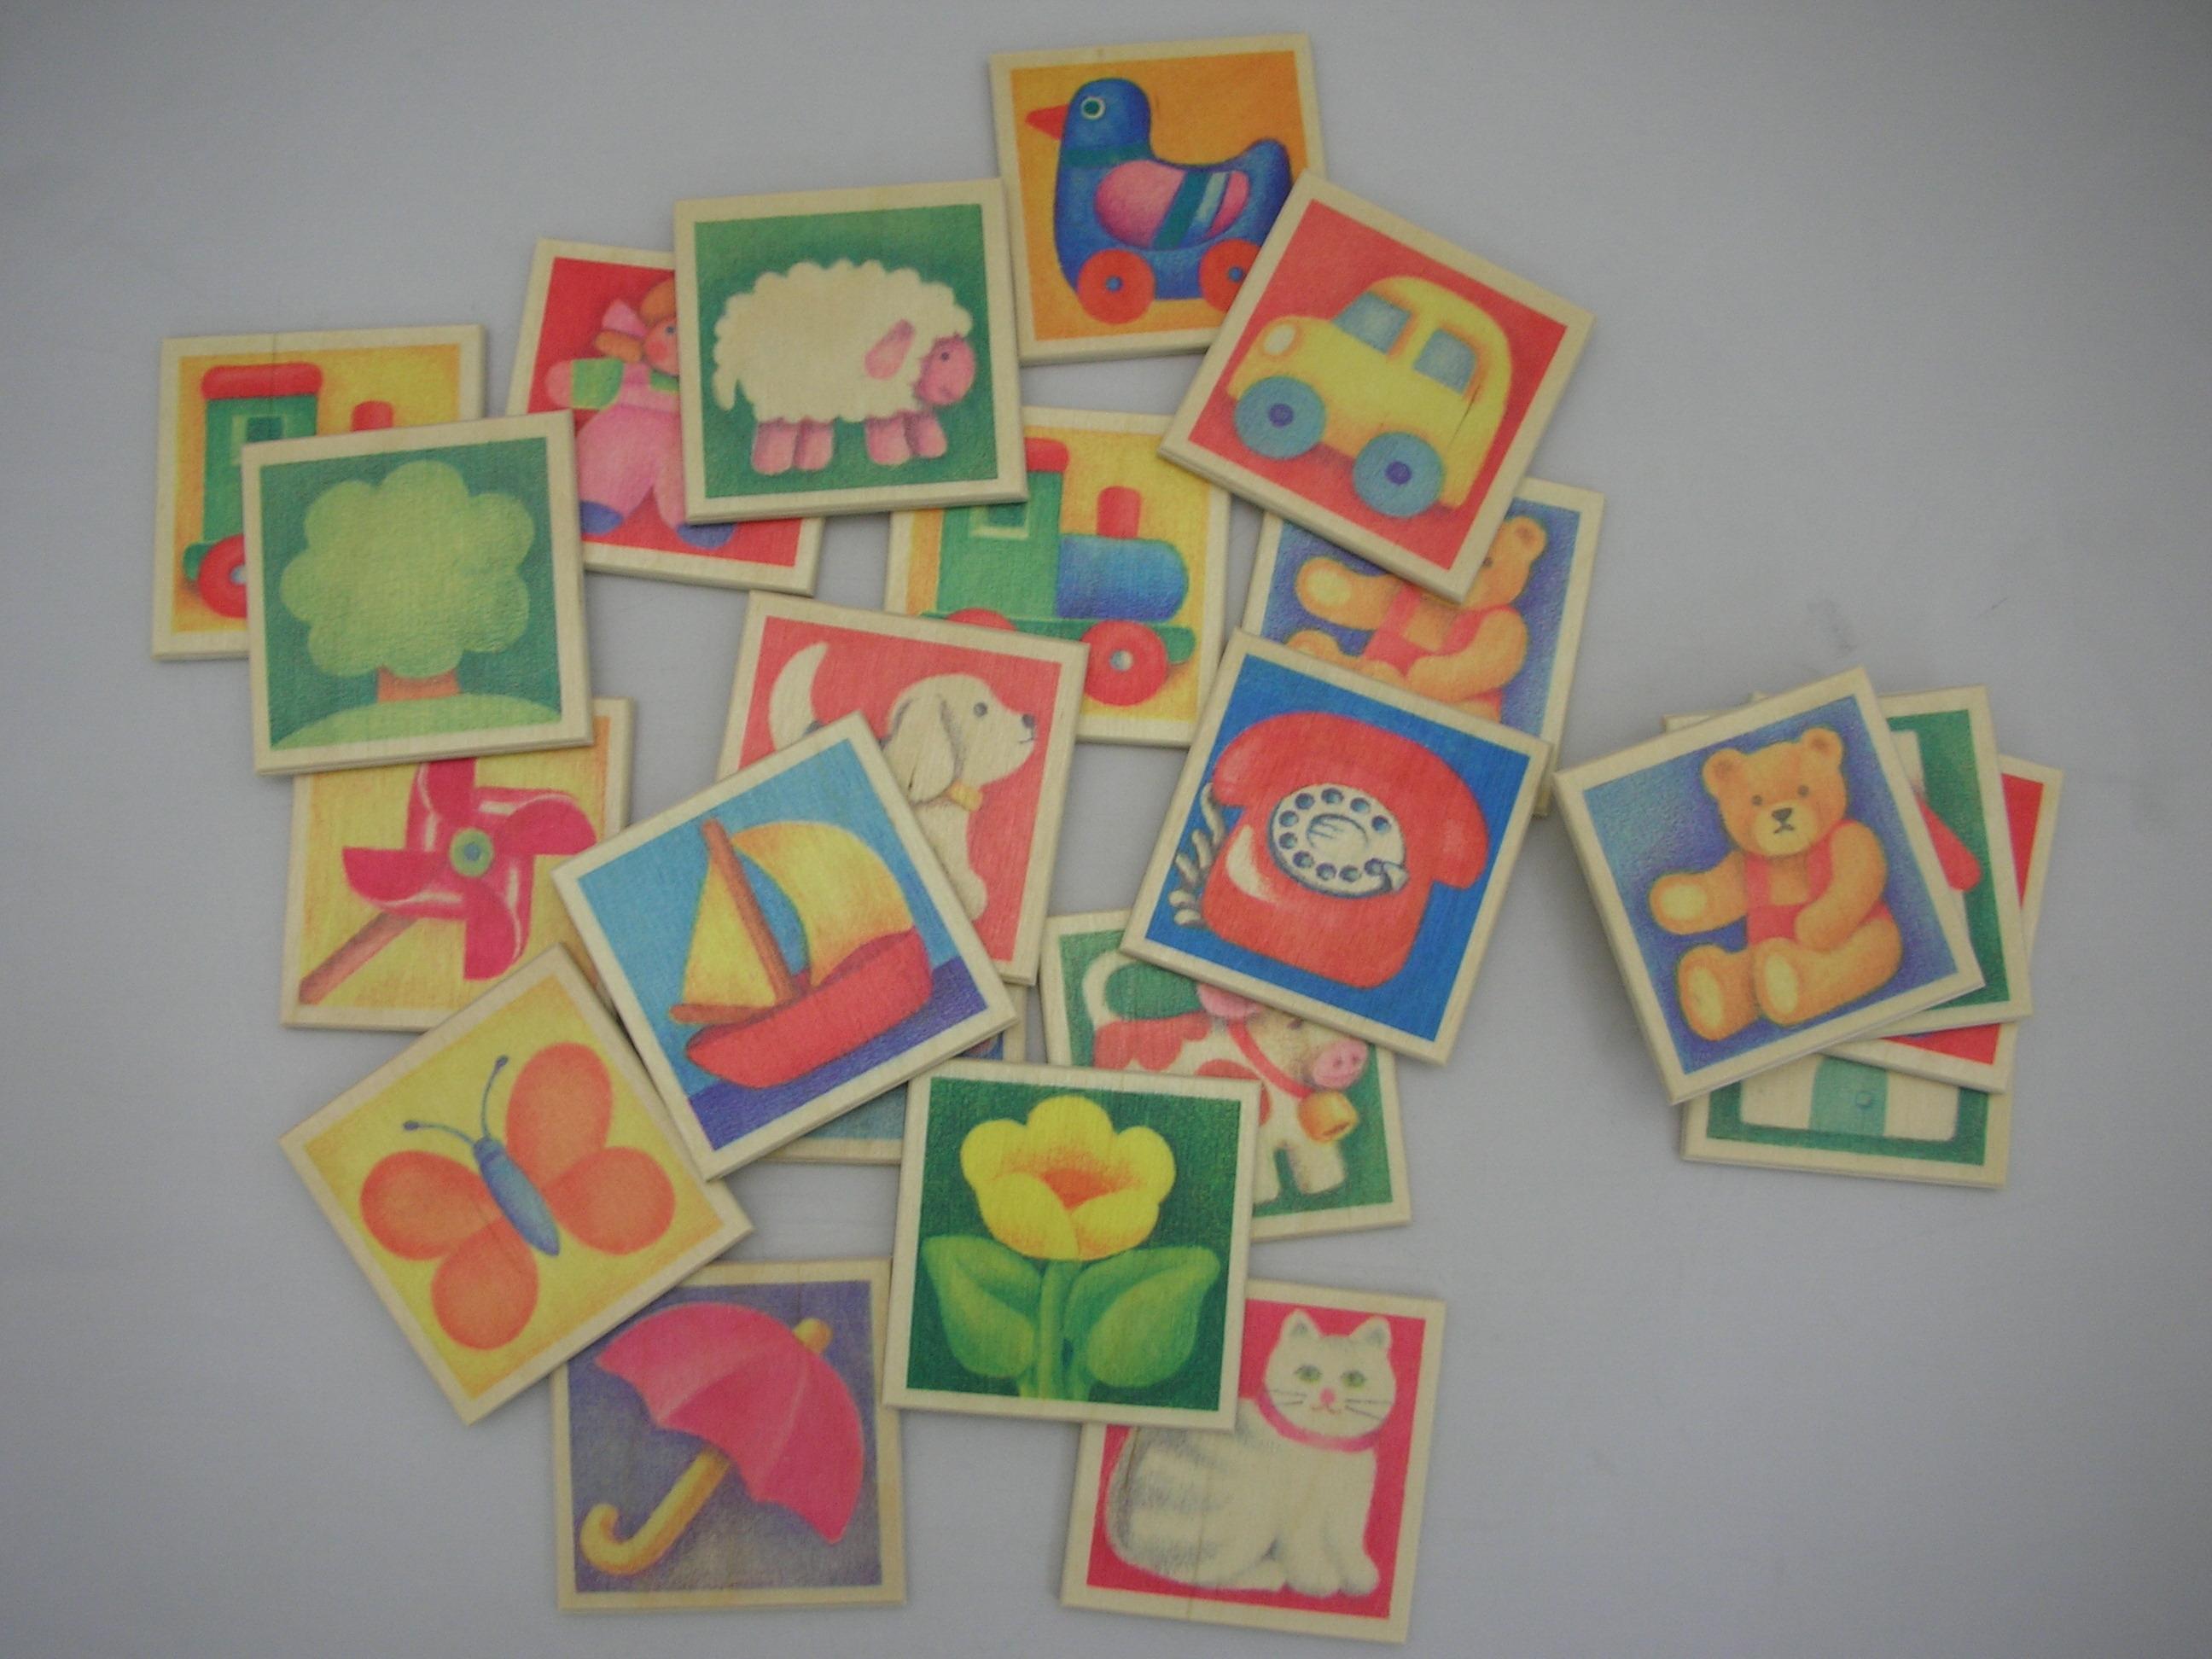 ペアカード 〜可愛い絵柄が素敵な絵合わせゲームです。〜